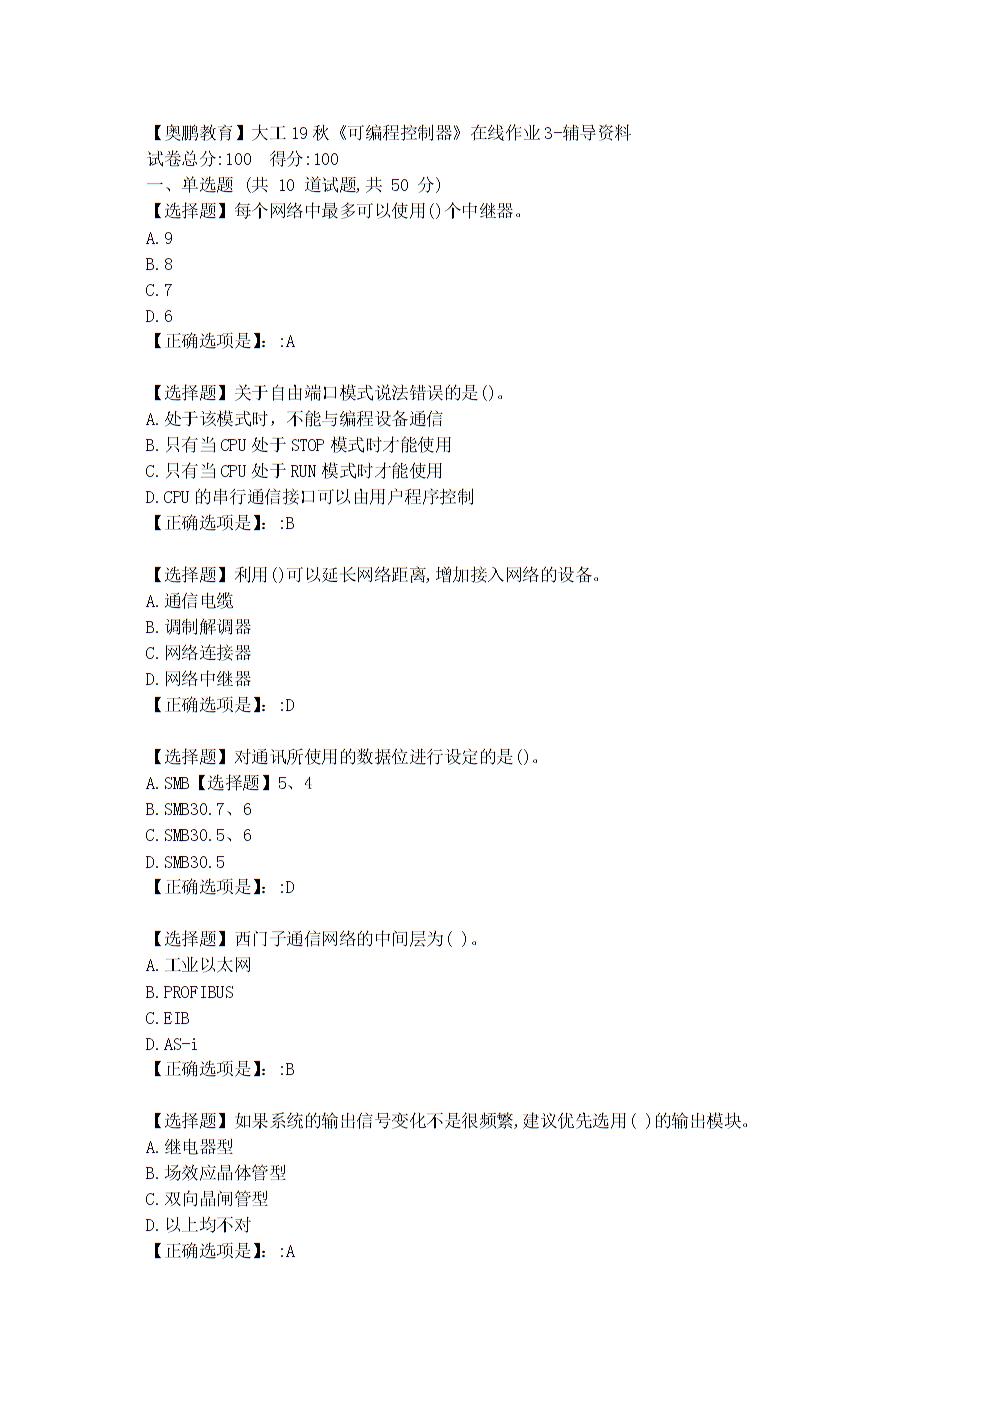 大连理工大学19秋《可编程控制器》在线作业3学习资料.doc